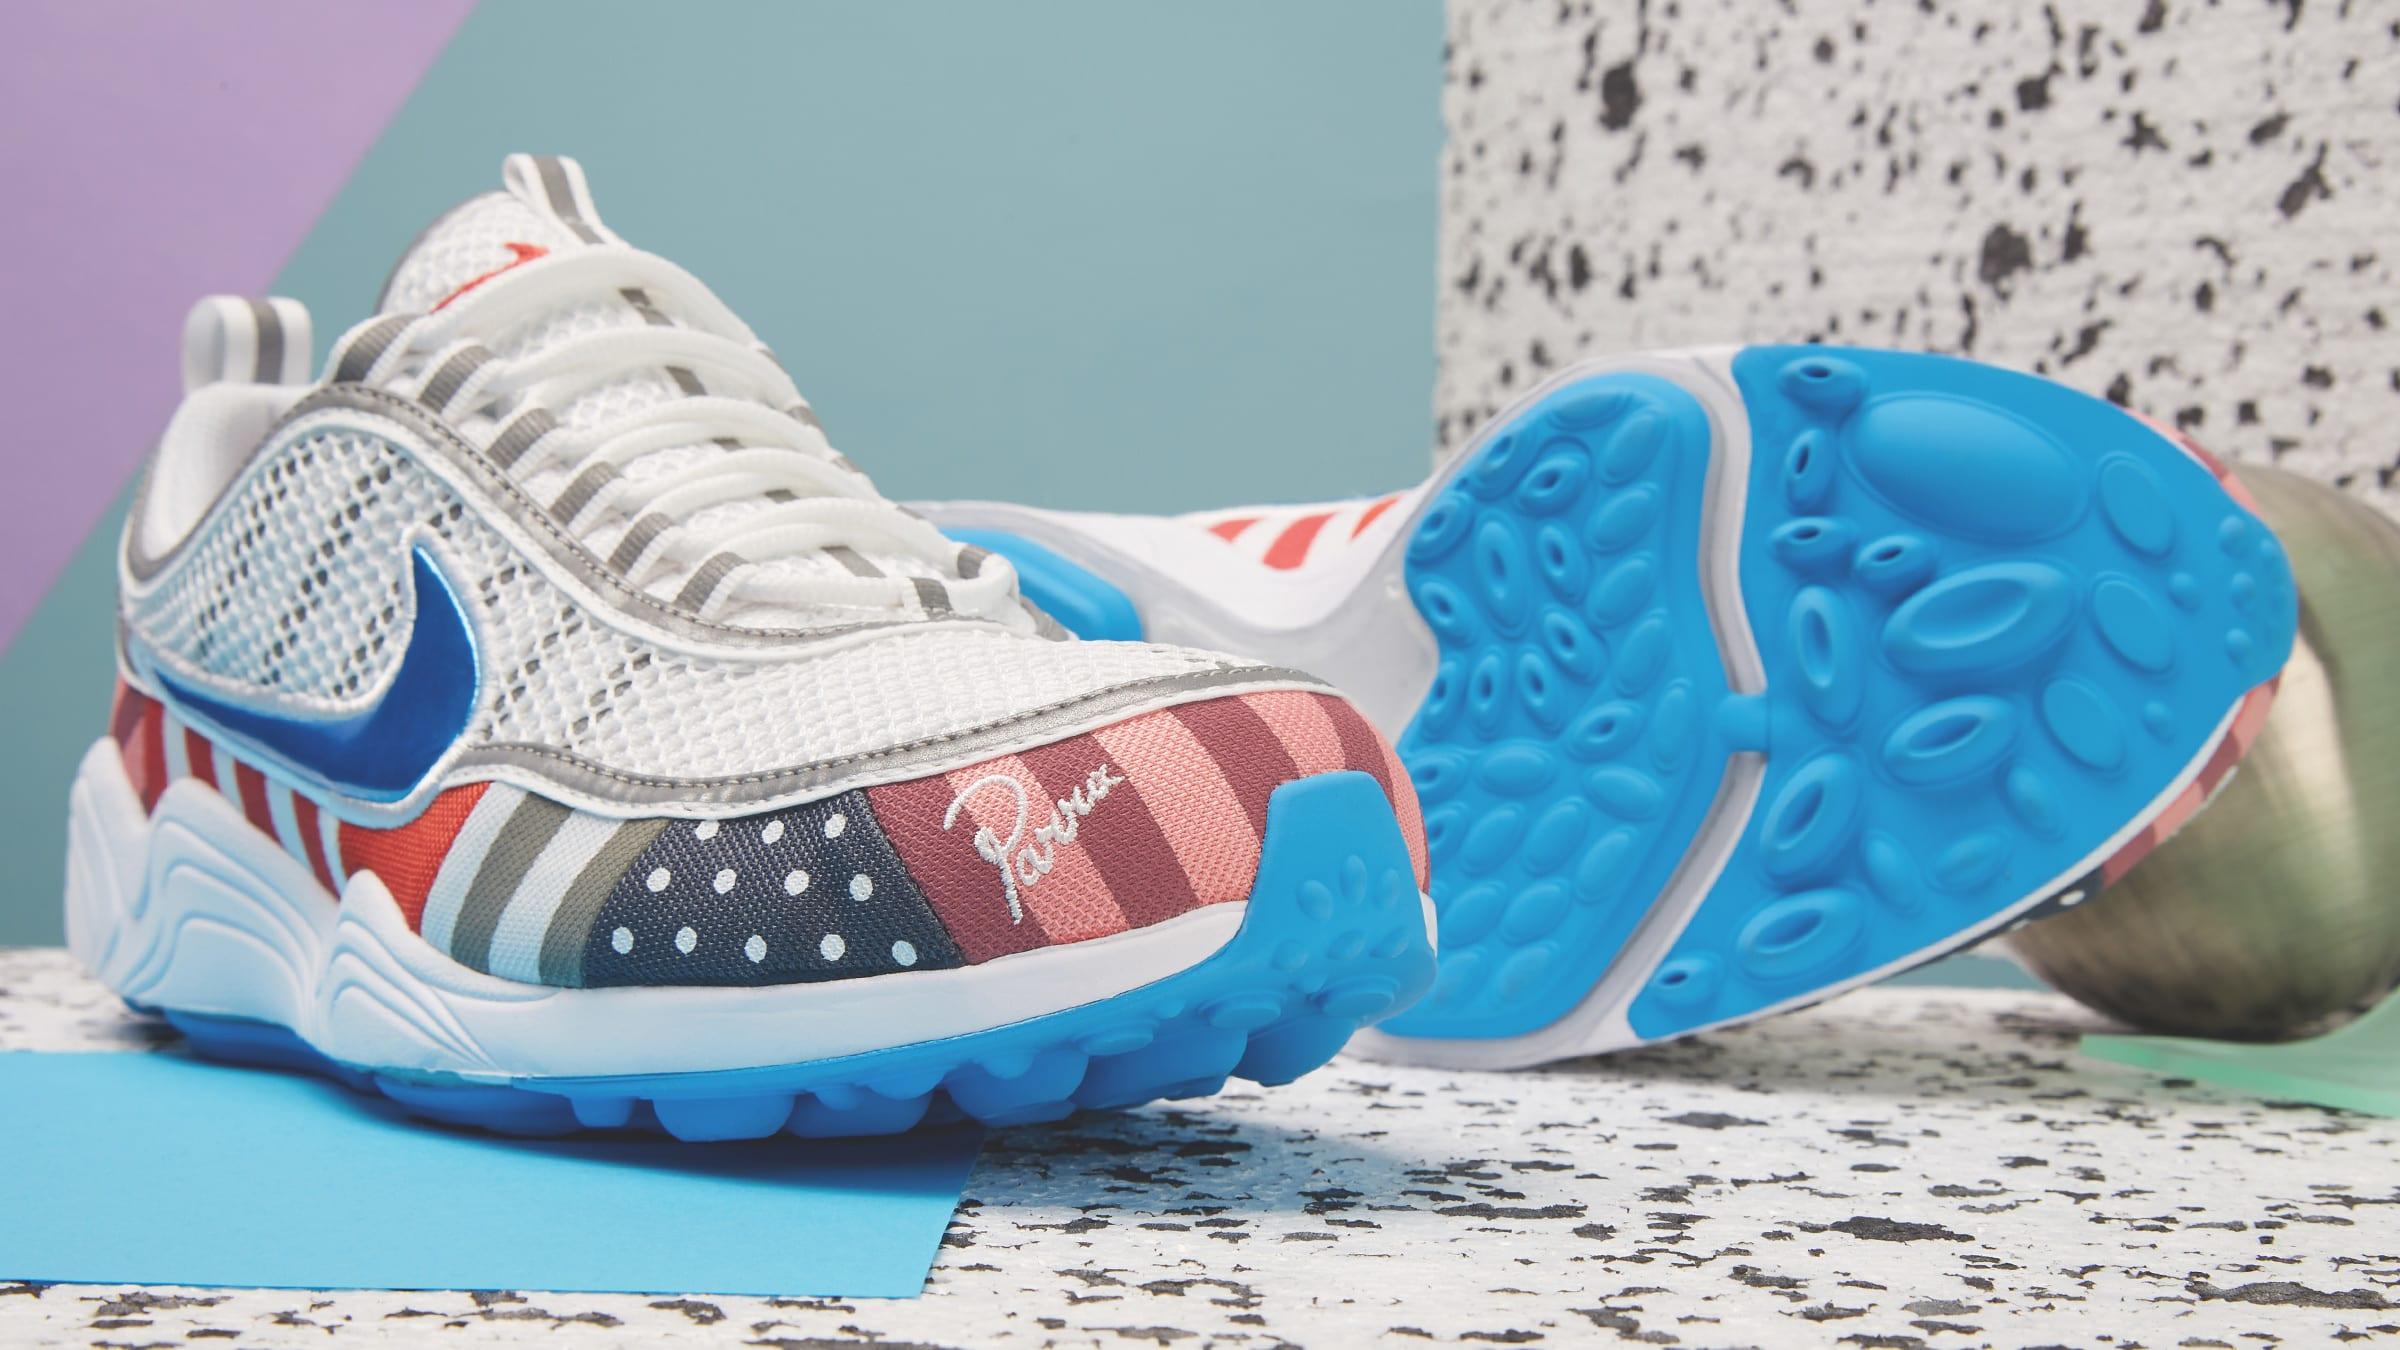 8c8d08adf84bb Nike x Parra Air Zoom Spiridon (White   Multi)